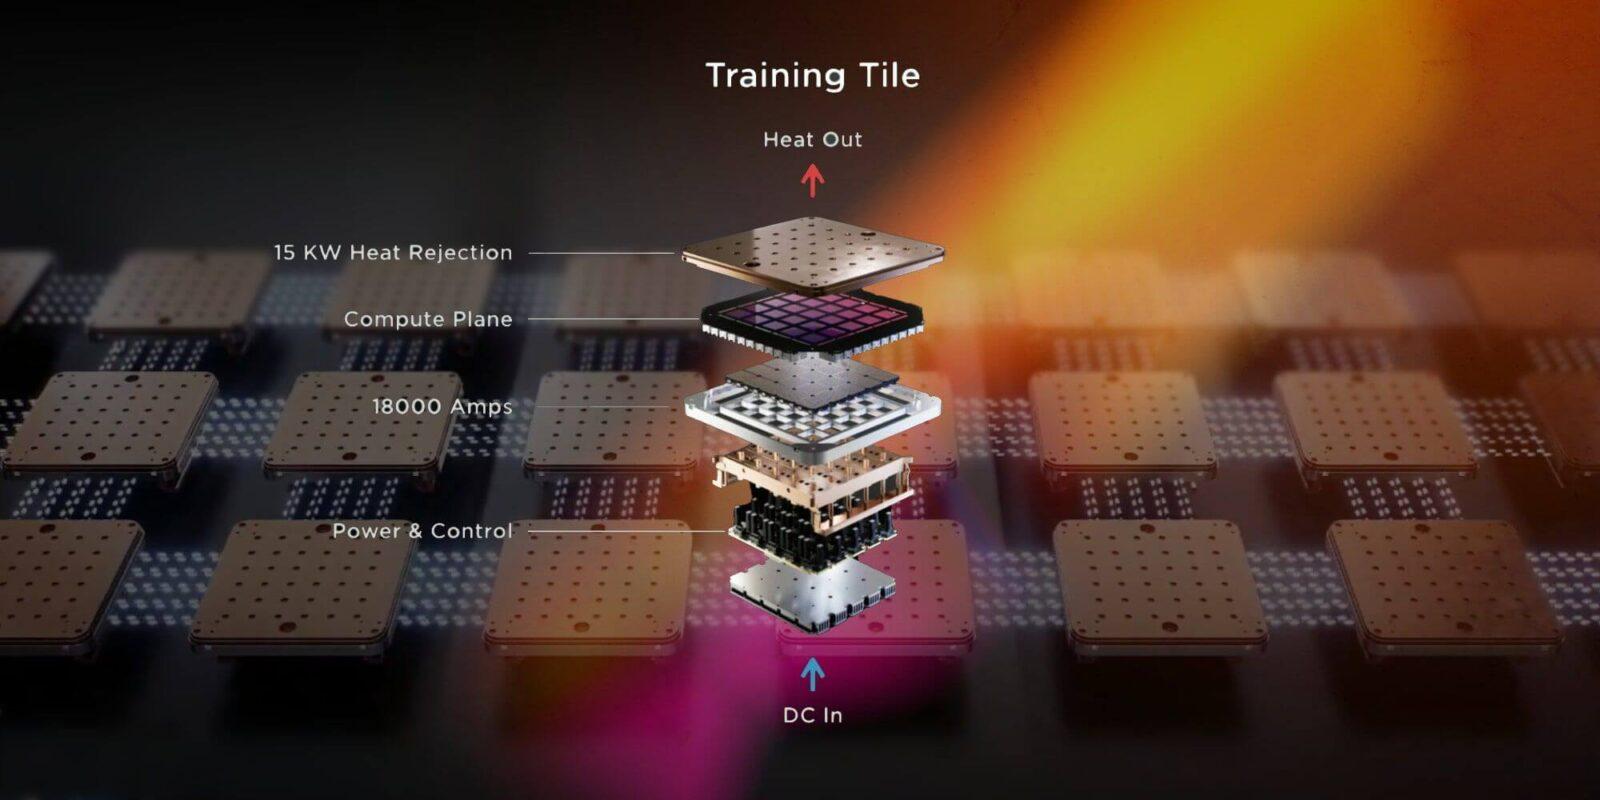 تسلا جزئیات جدیدی درباره ابررایانه Dojo و تراشه D1 منتشر کرد